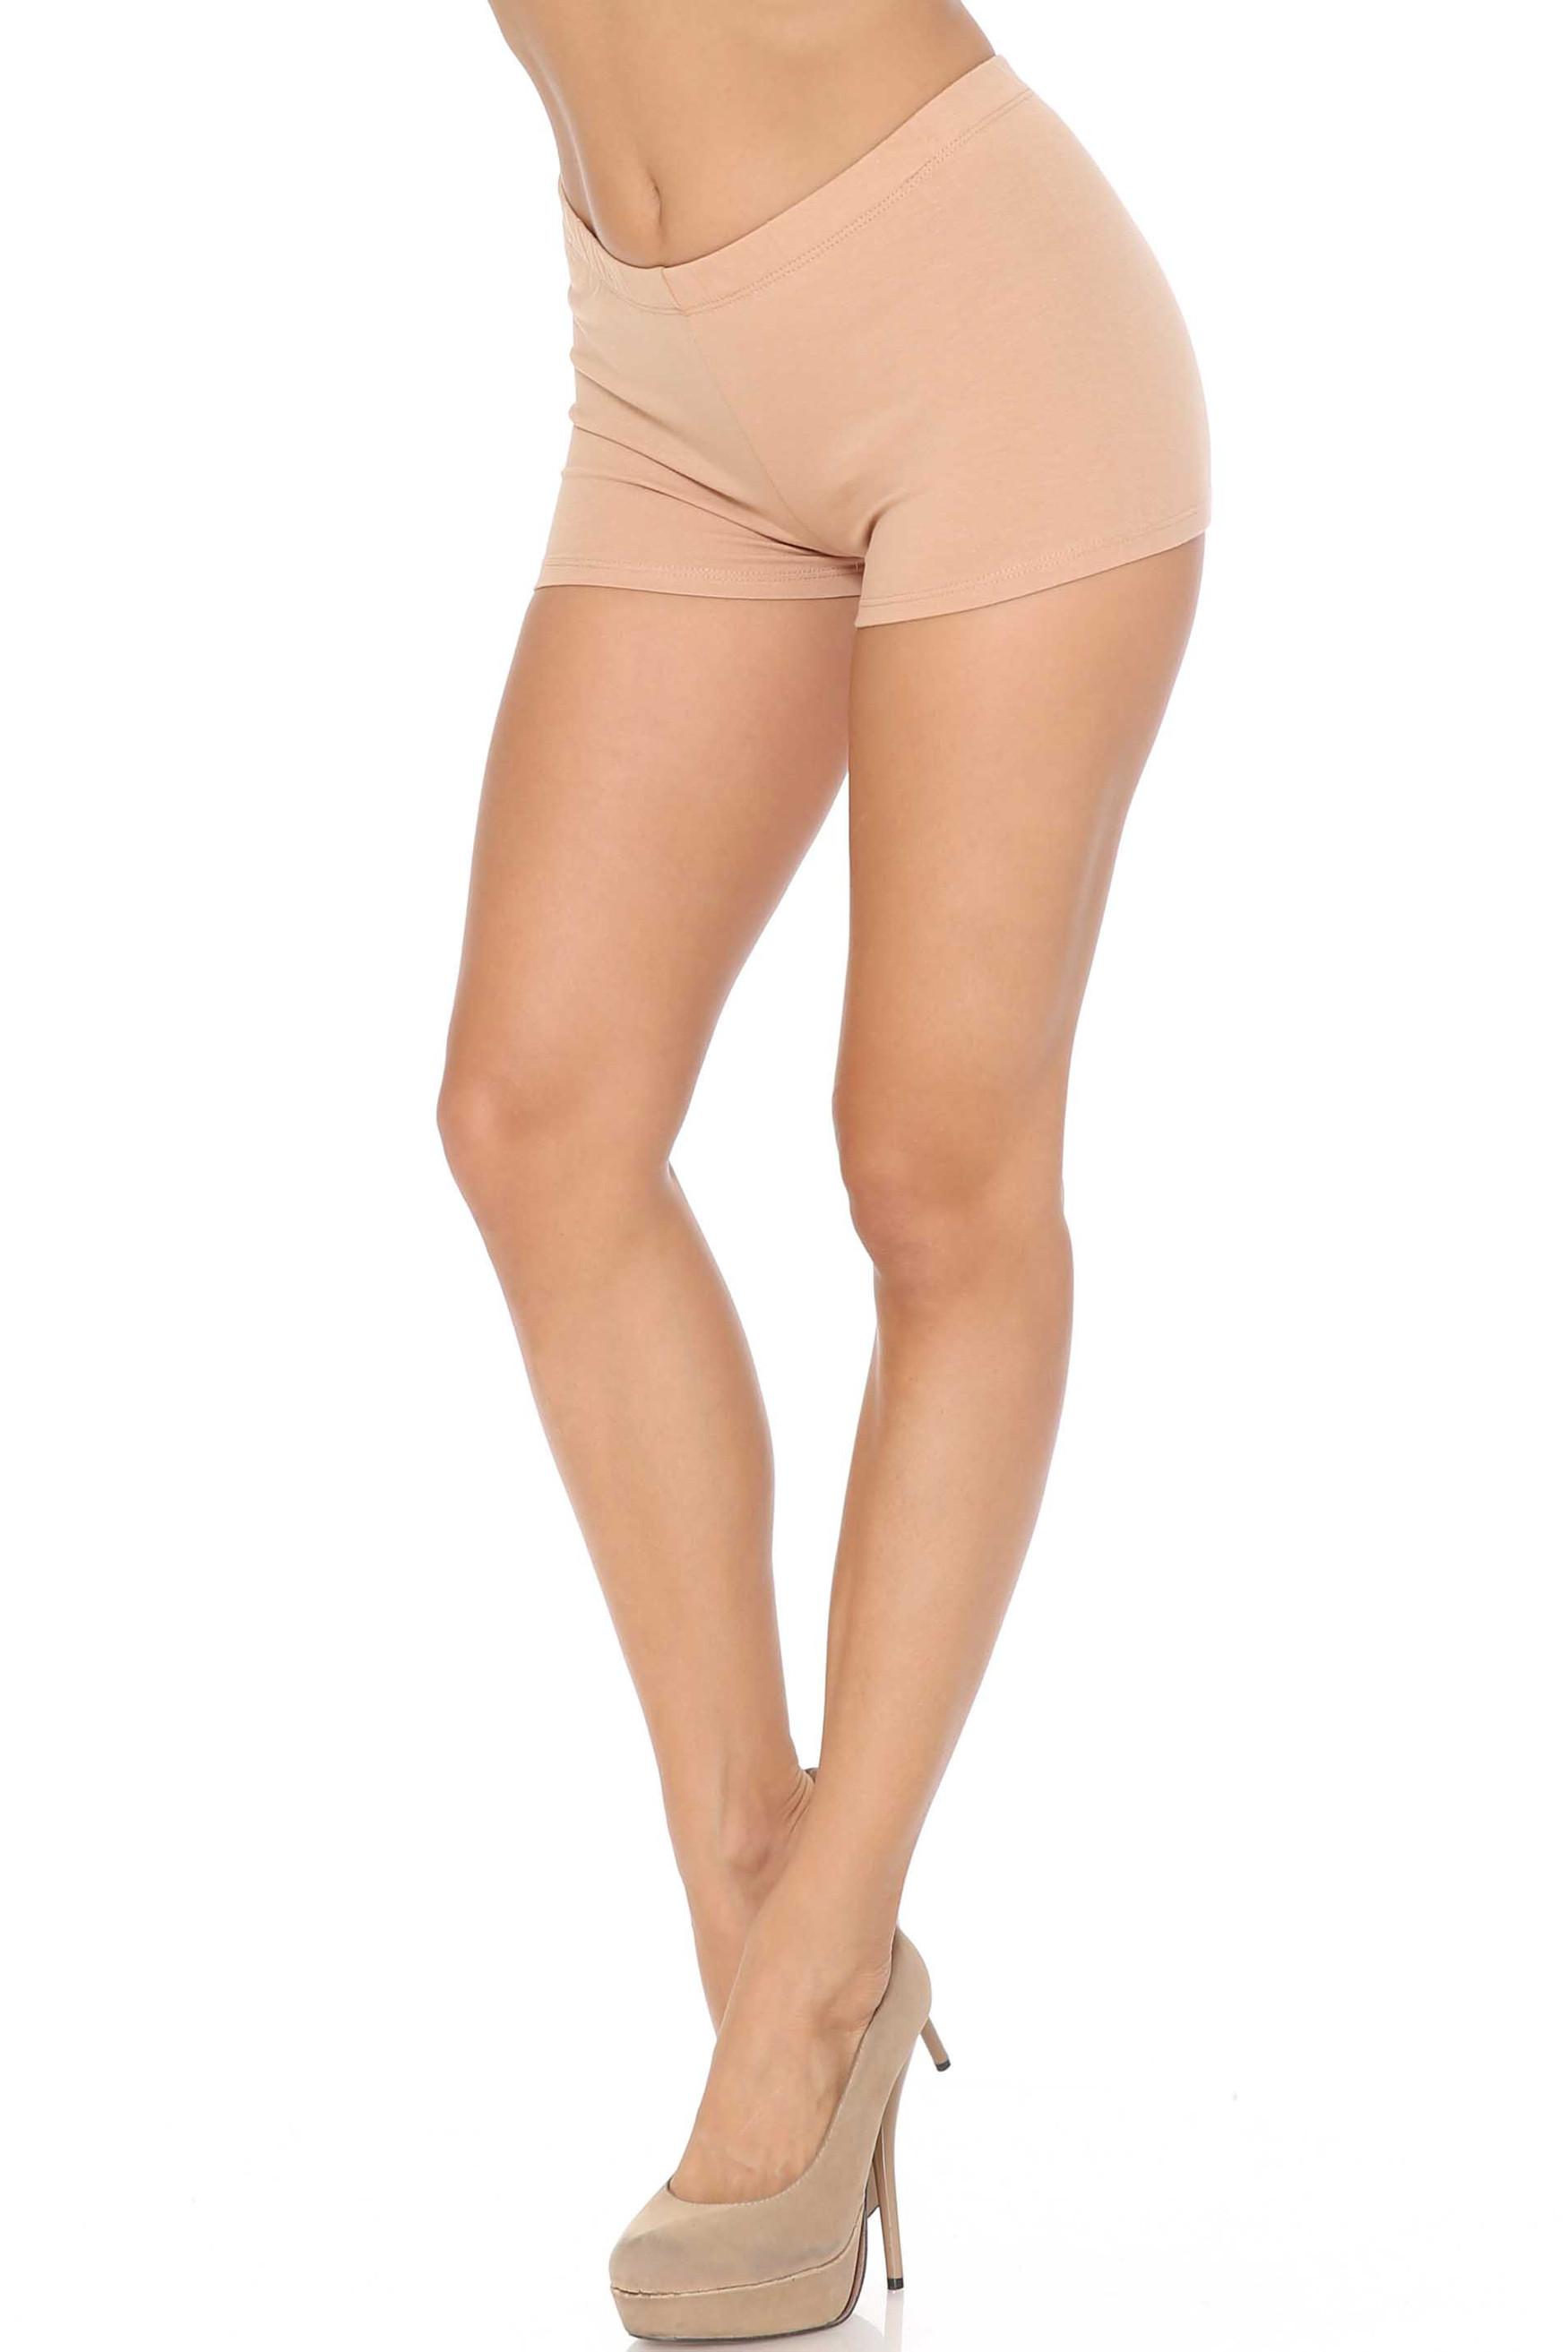 Beige USA Cotton Boy Shorts